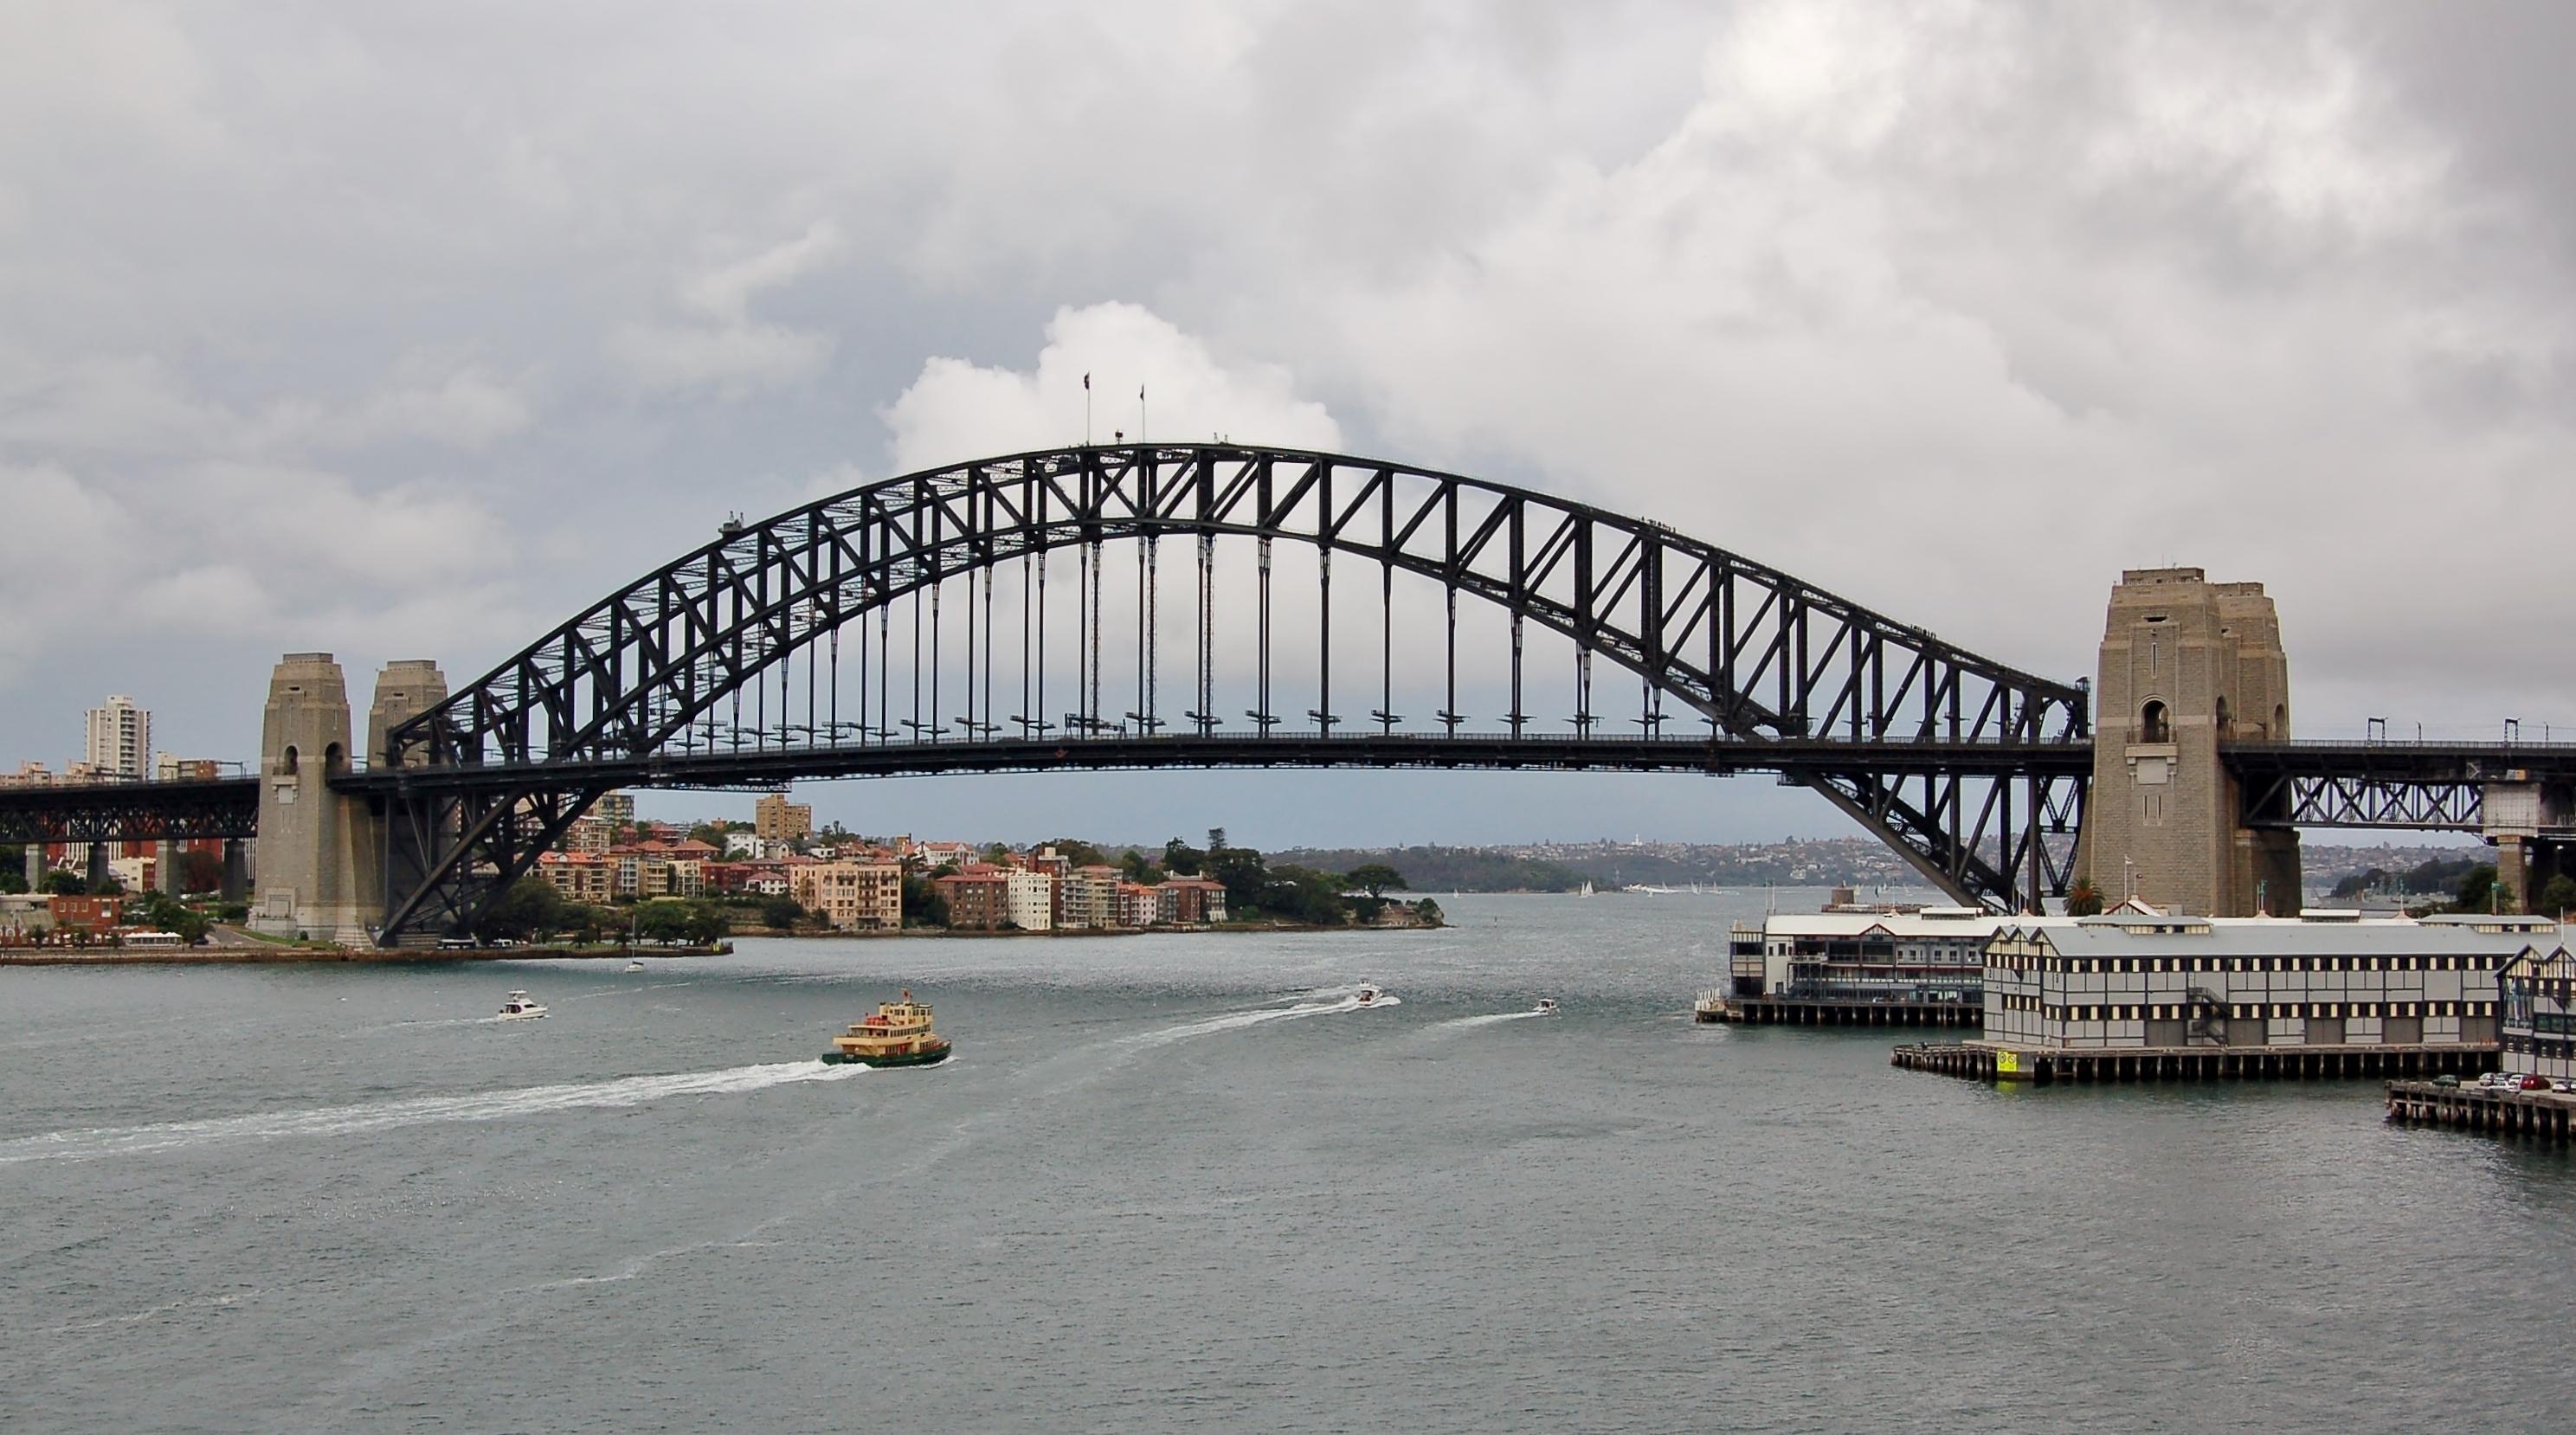 Sydney Harbour Bridge Commemorative Car Plate